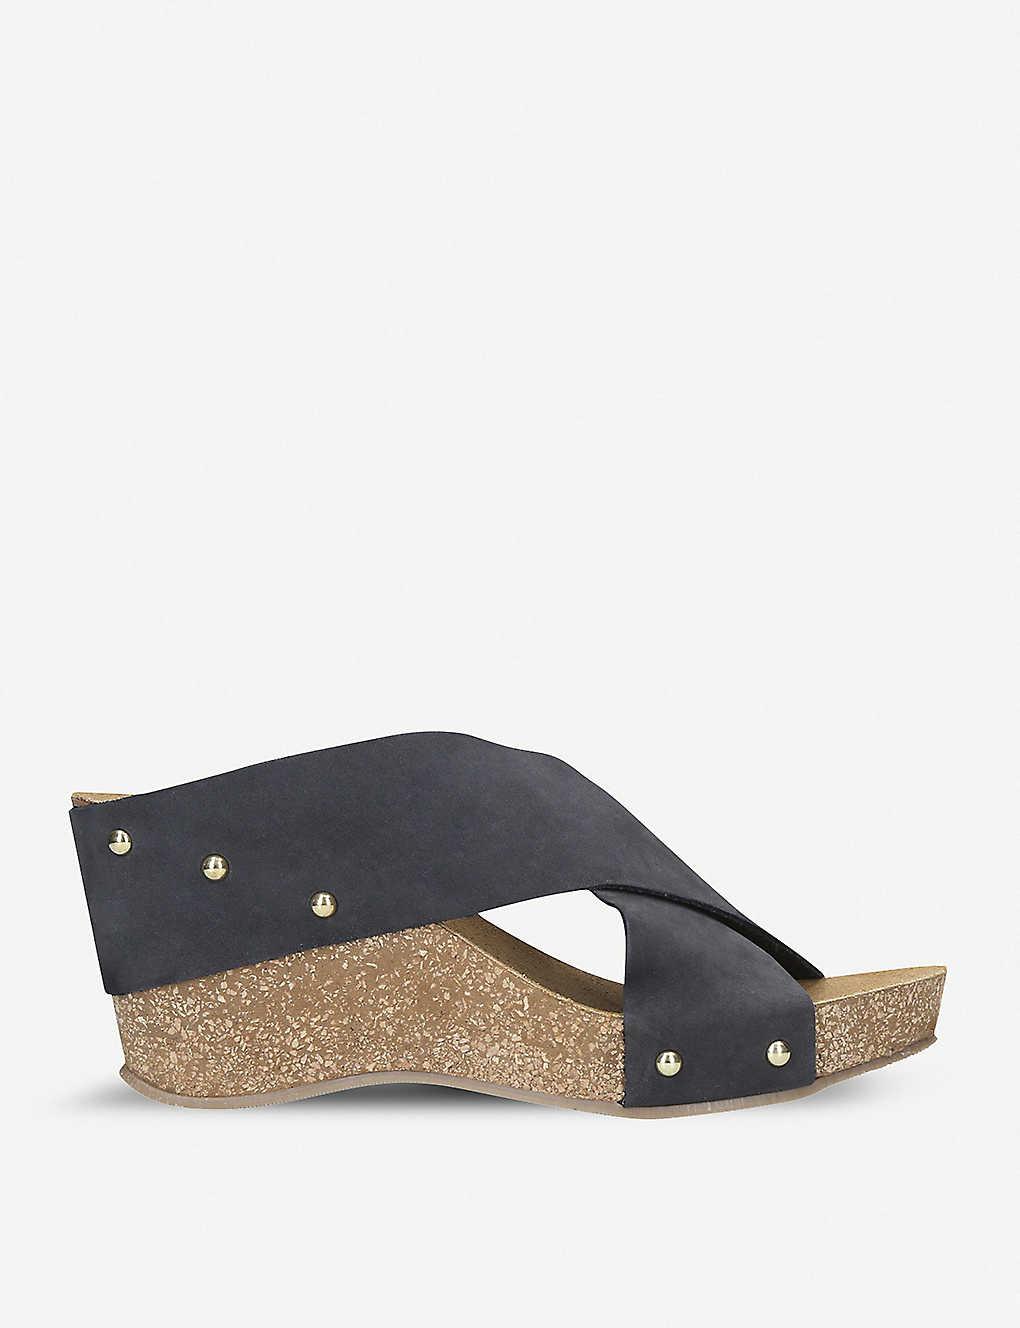 416319f98ecc CARVELA COMFORT - Sooty suede wedge sandal